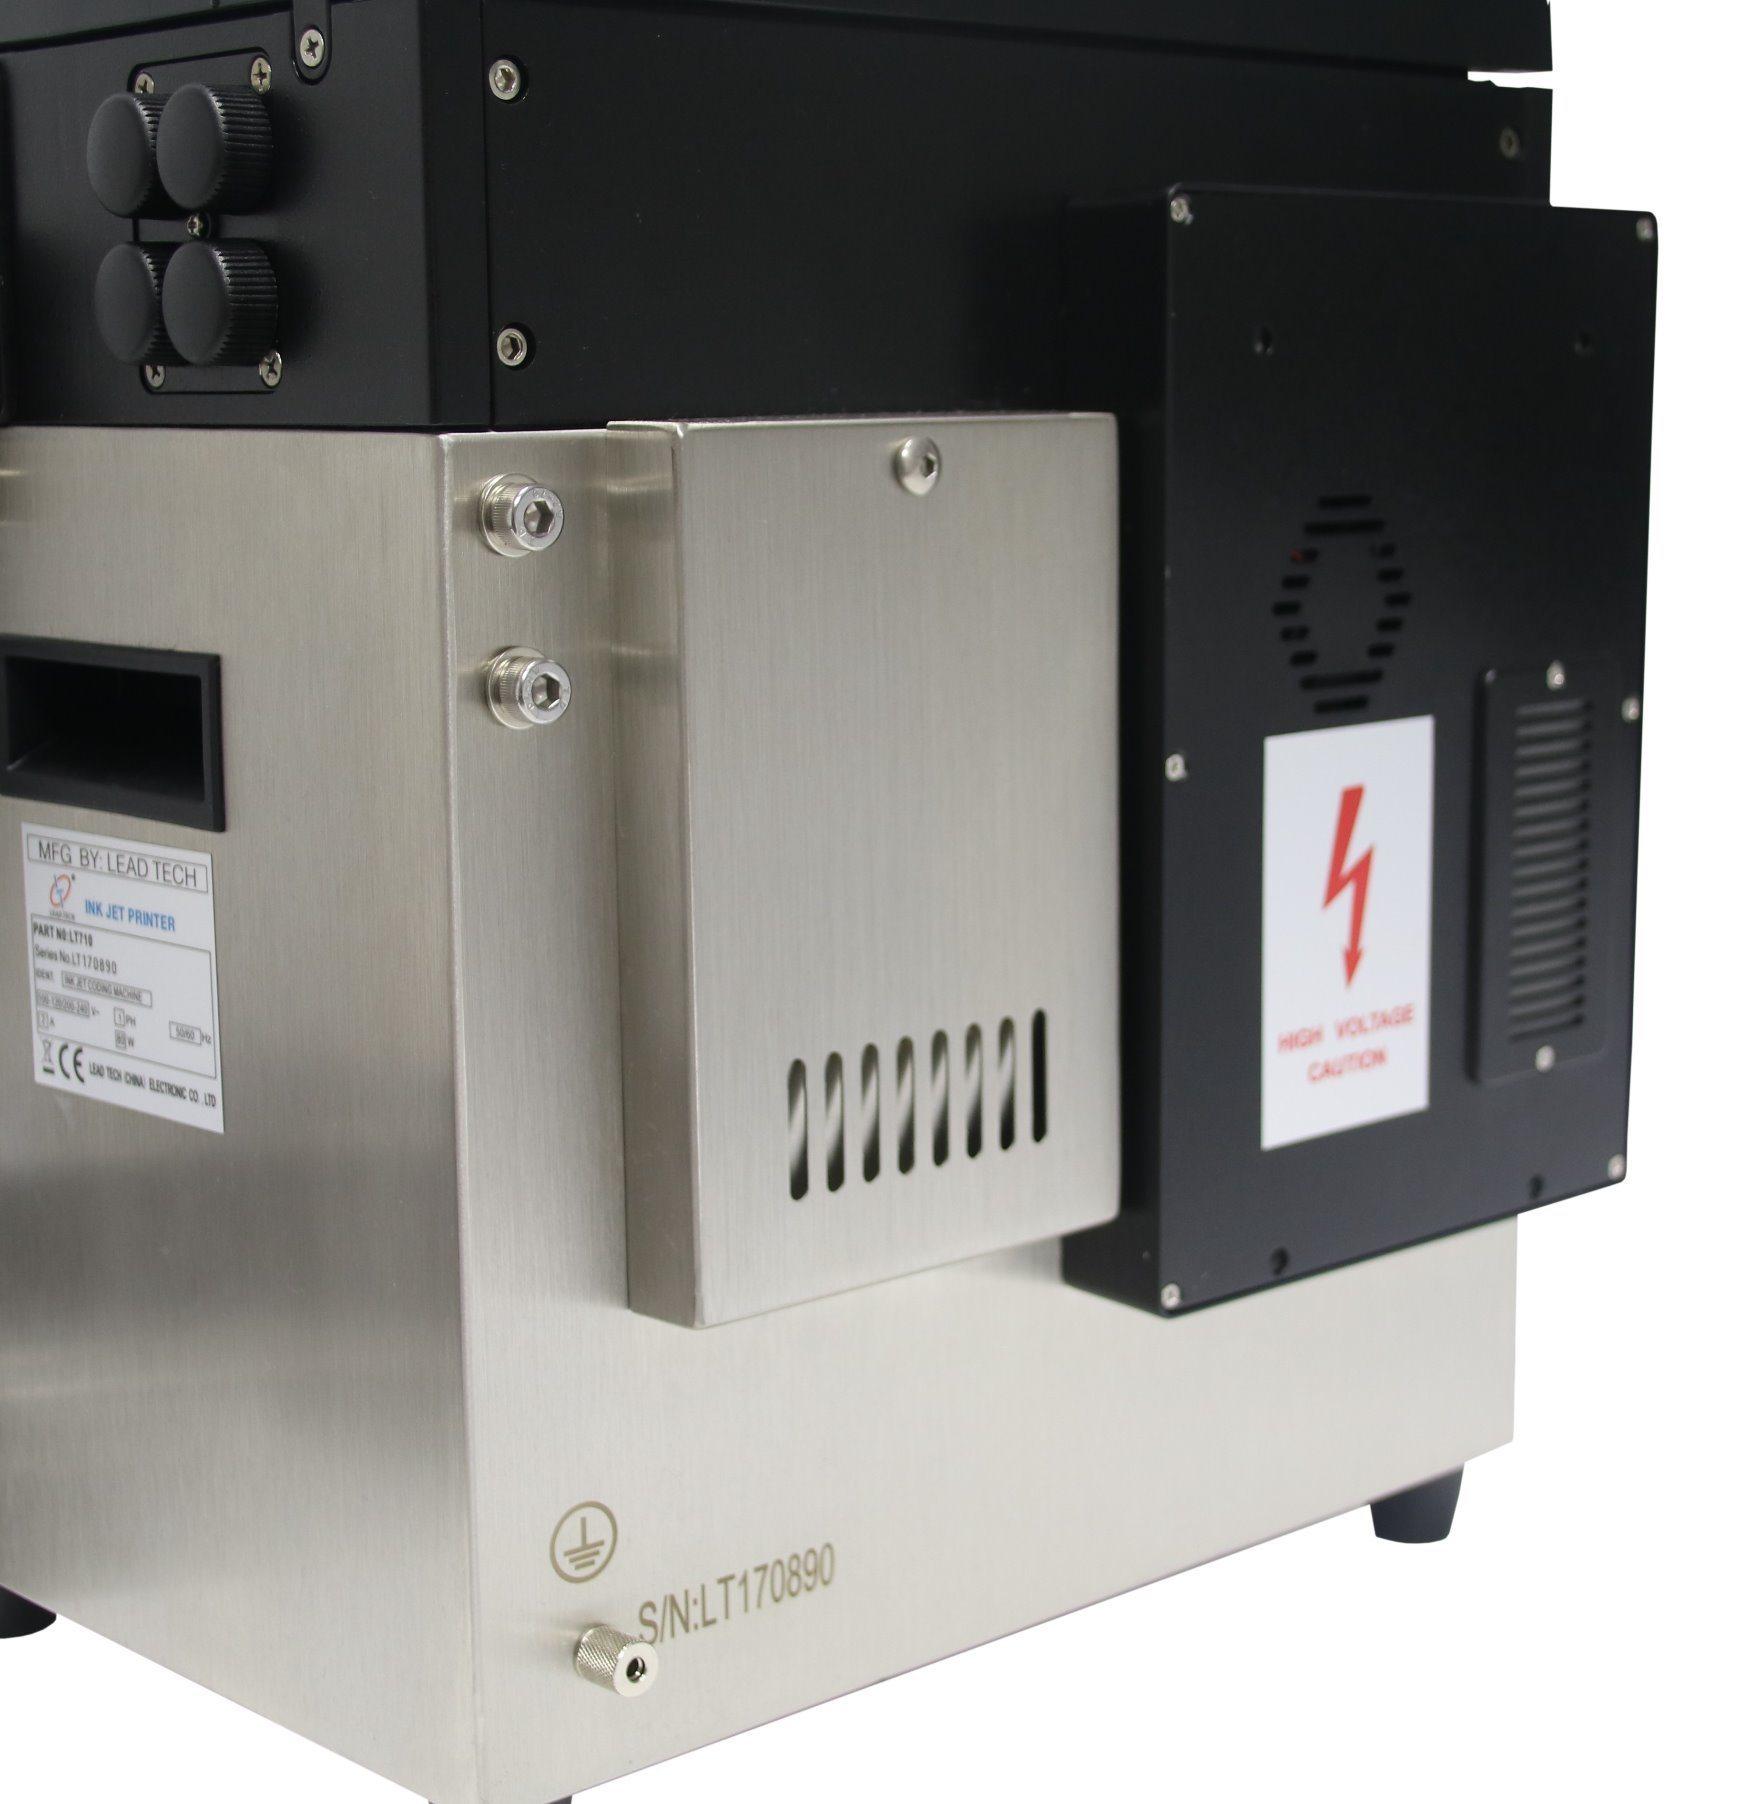 Lead Tech Lt760 Cij Inkjet Printer for Pet Bottle Coding